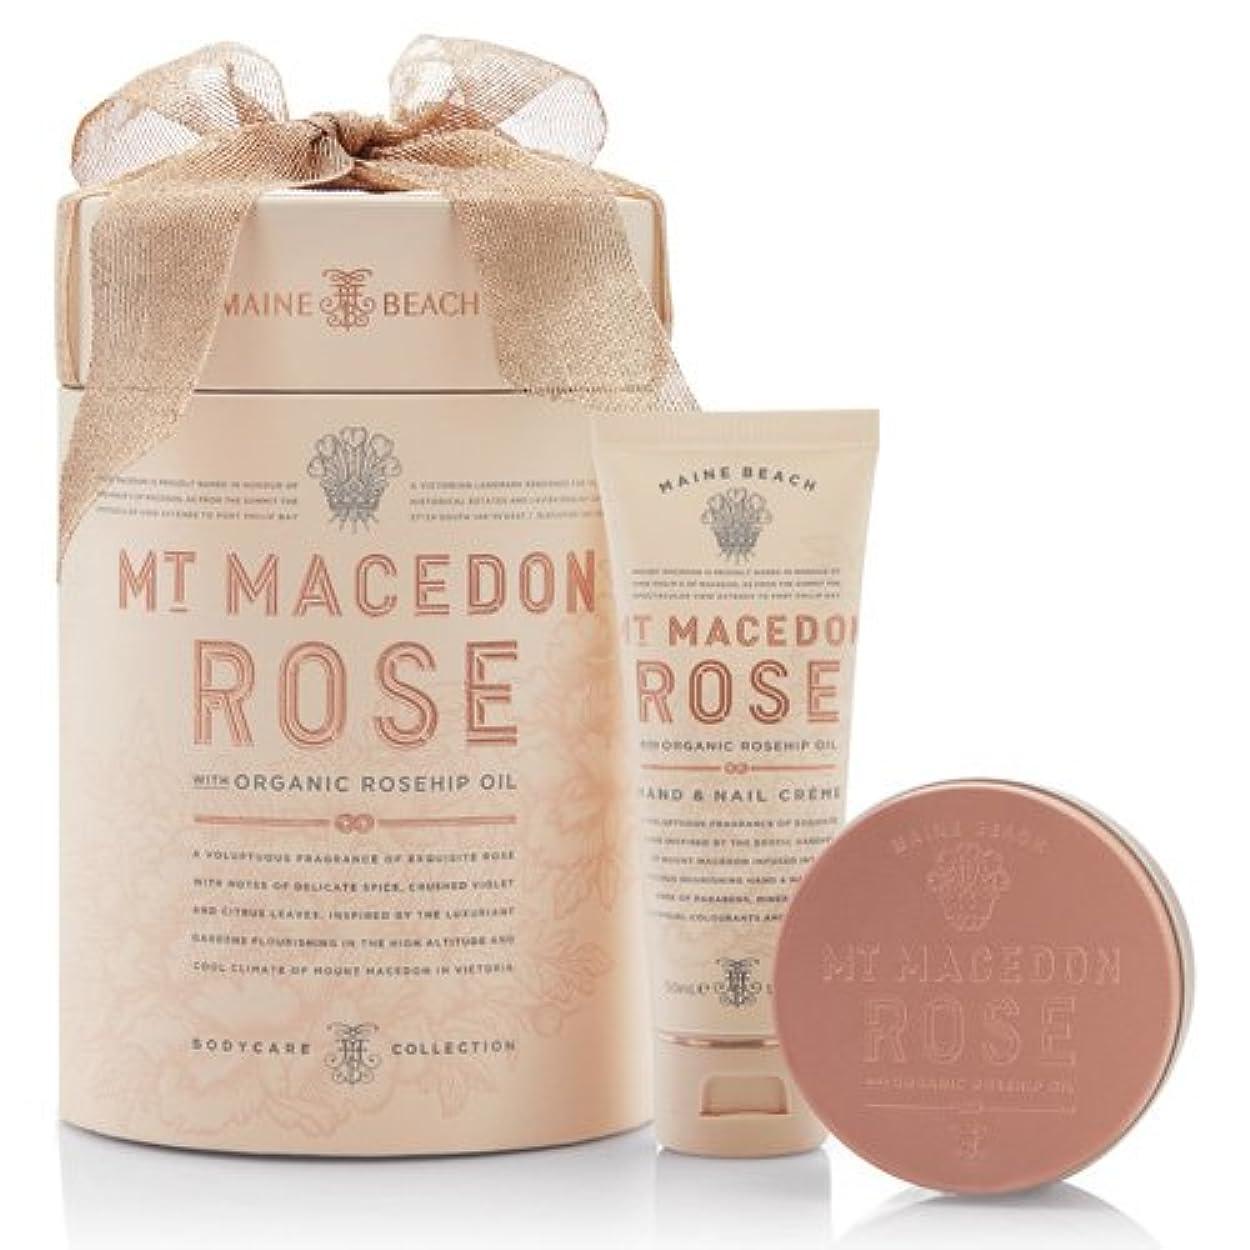 接続されたくるくるハッピーMAINE BEACH マインビーチ MT MACEDON ROSE マウント マセドン ローズ Duo Gift Pack